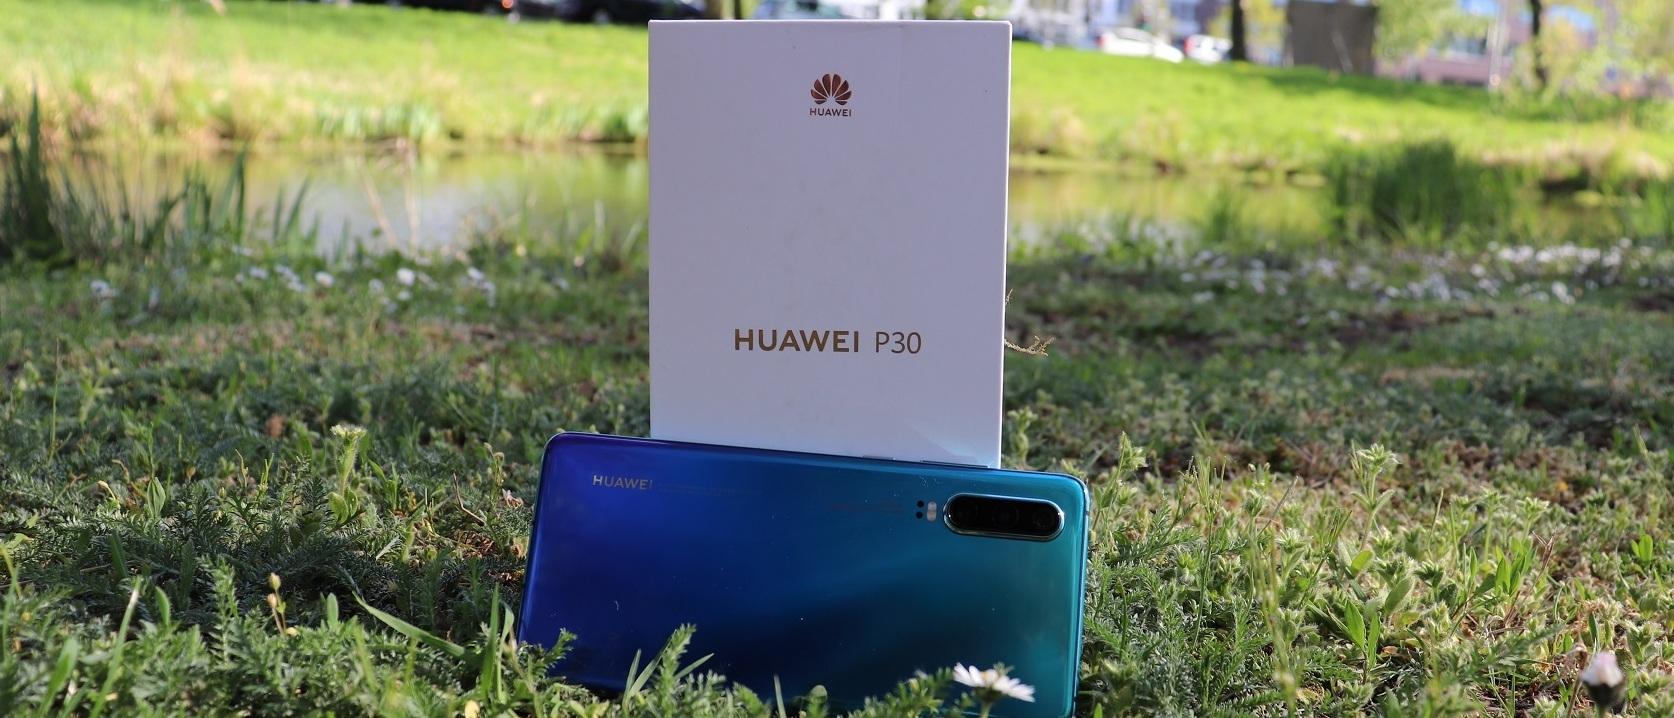 Huawei P30 - Bewerben und jetzt Smartphone-Tester werden!